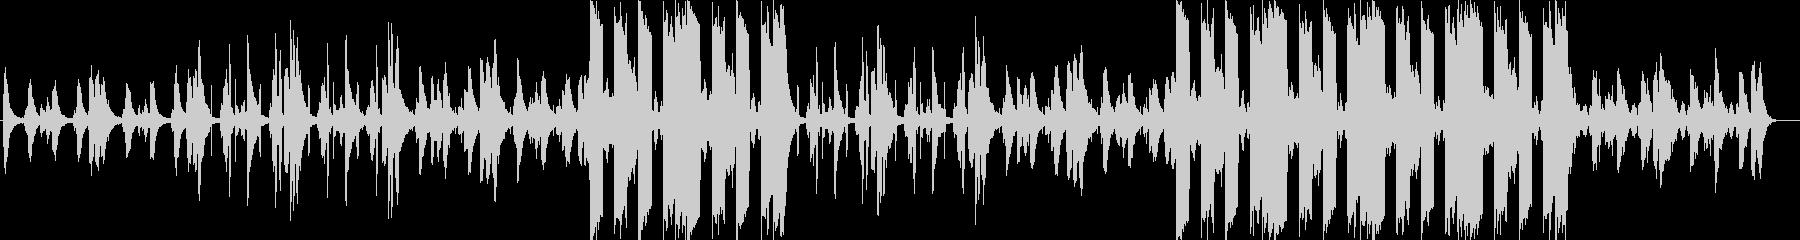 洋楽 チルアウト R&B  ムーディーの未再生の波形